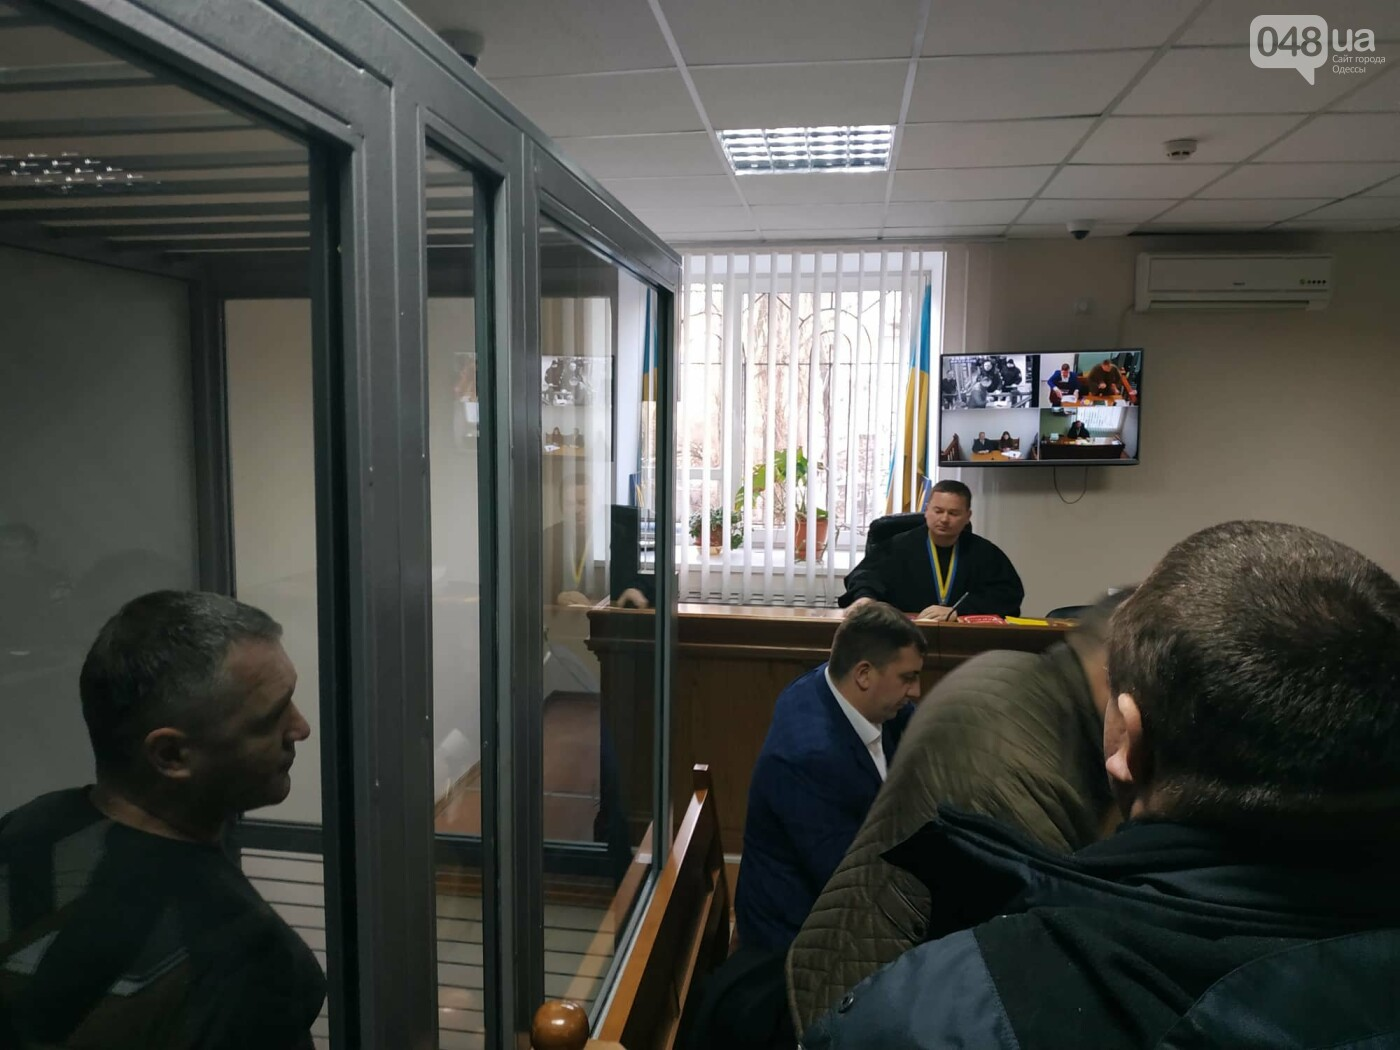 Процесс по делу одесского экс-милиционера, обвиняемого в изнасиловании, затягивается , фото-2